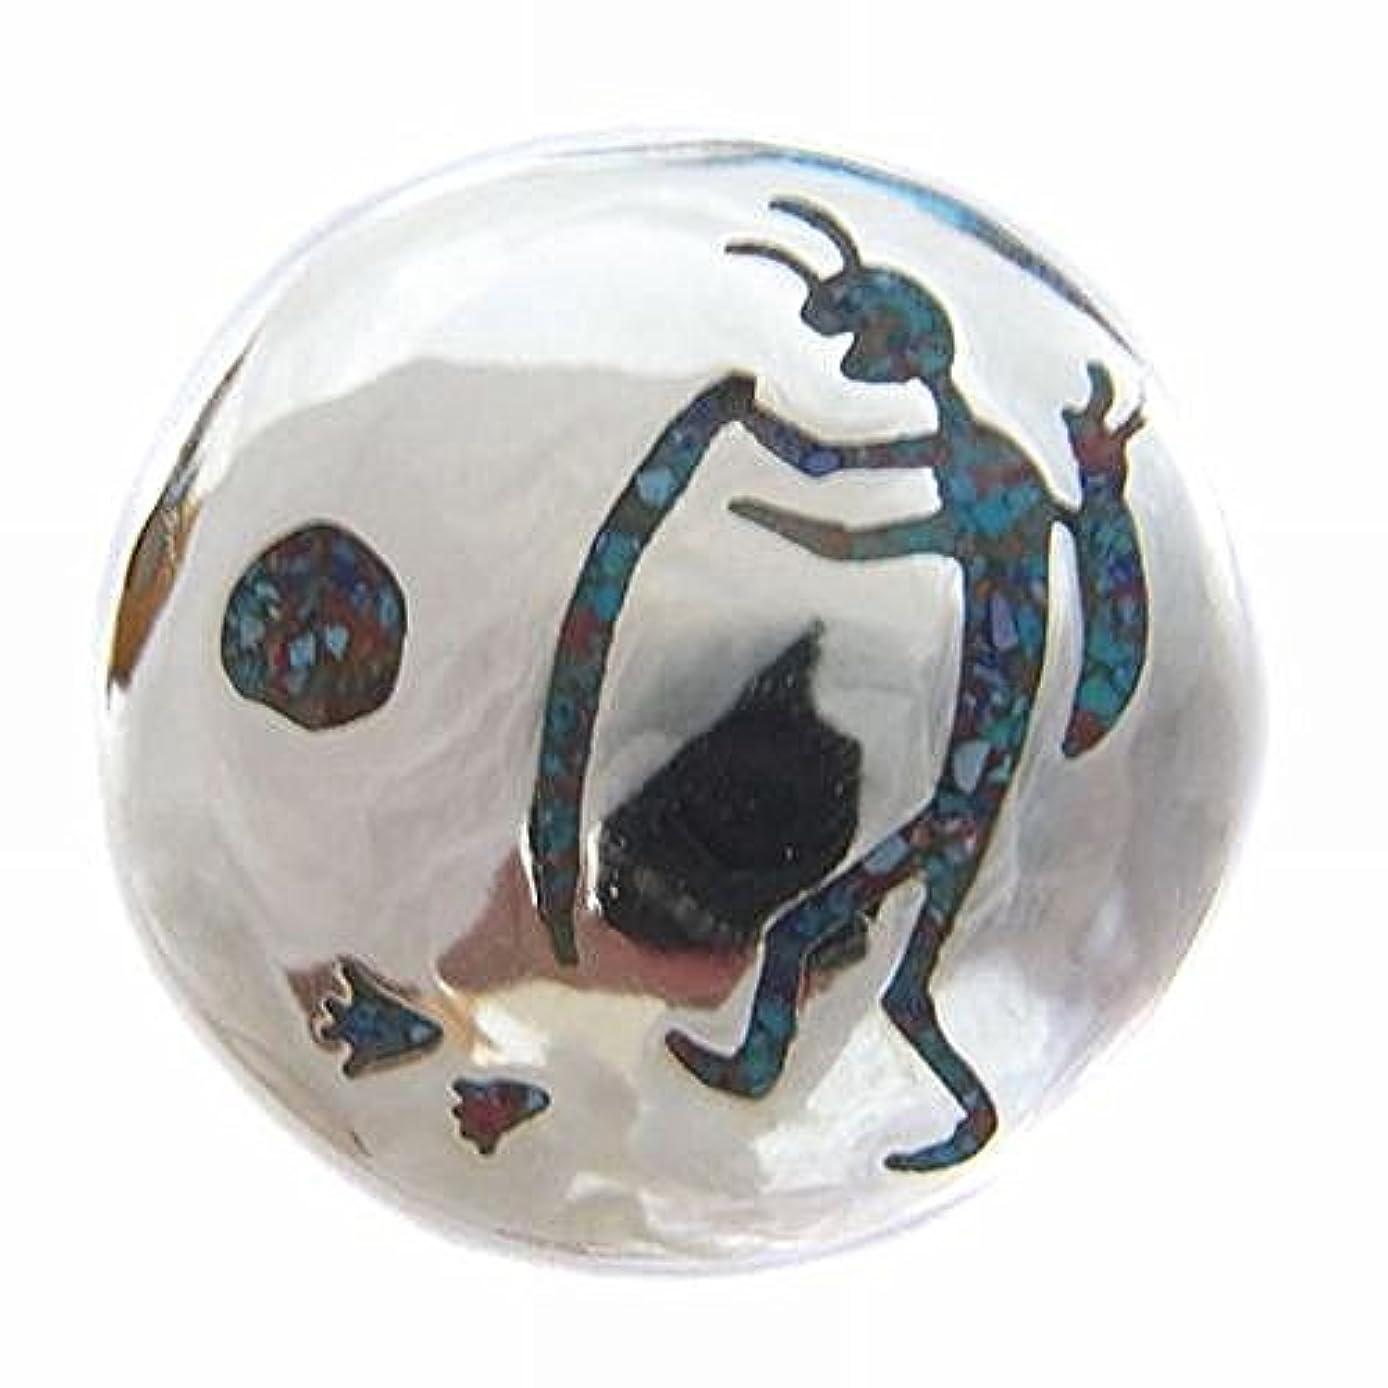 散るフランクワースリーバッテリーココペリ キリギリスの精霊 A柄 天然石 コンチョCONCHO ブラス製シルバーコーティング